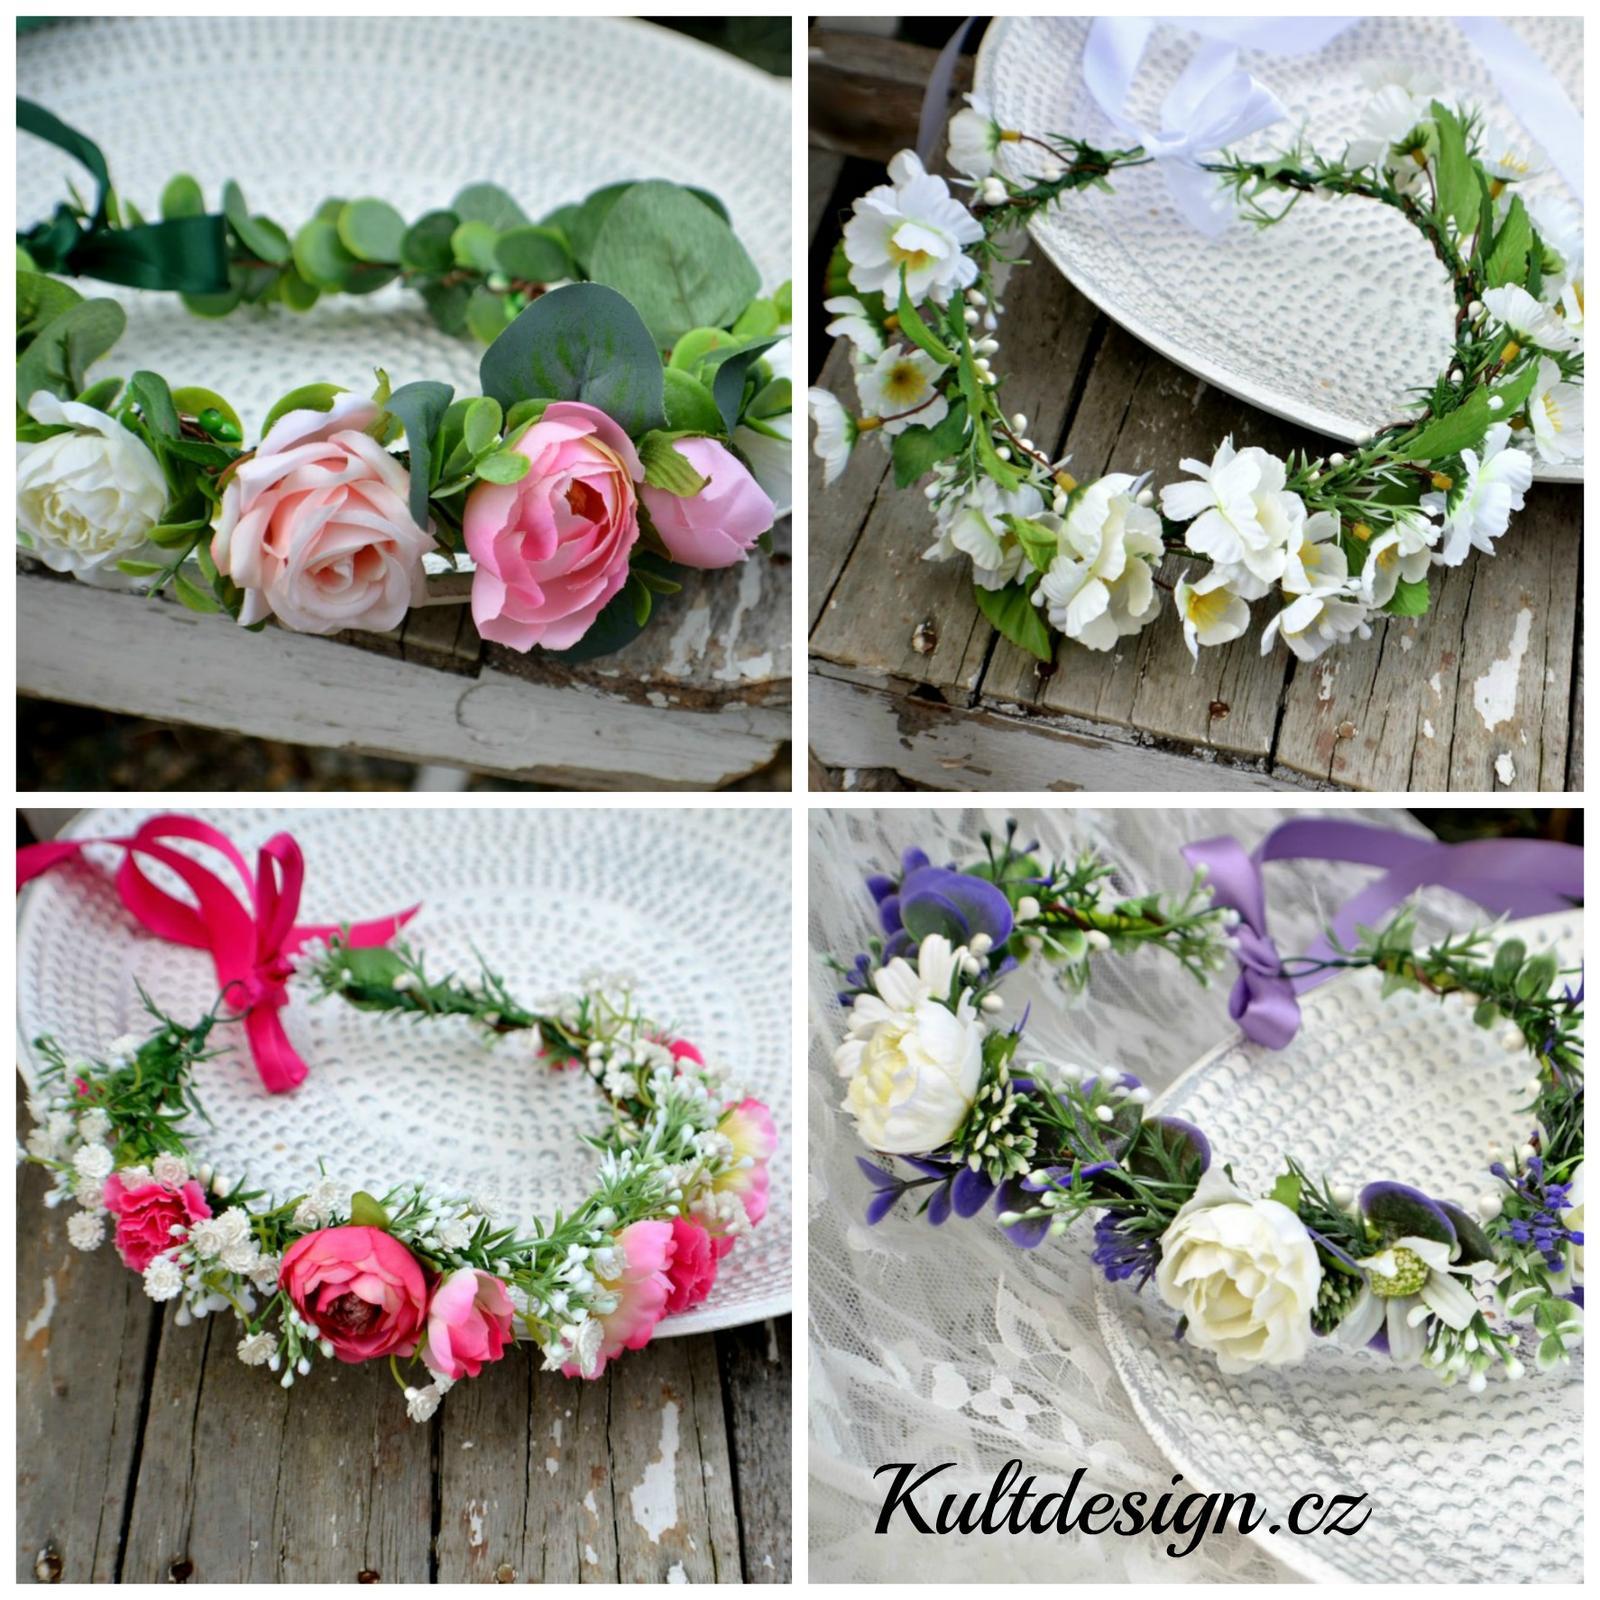 Nové květinové věnečky - http://www.kultdesign.cz/666design-cz/eshop/39-1-VENECKY